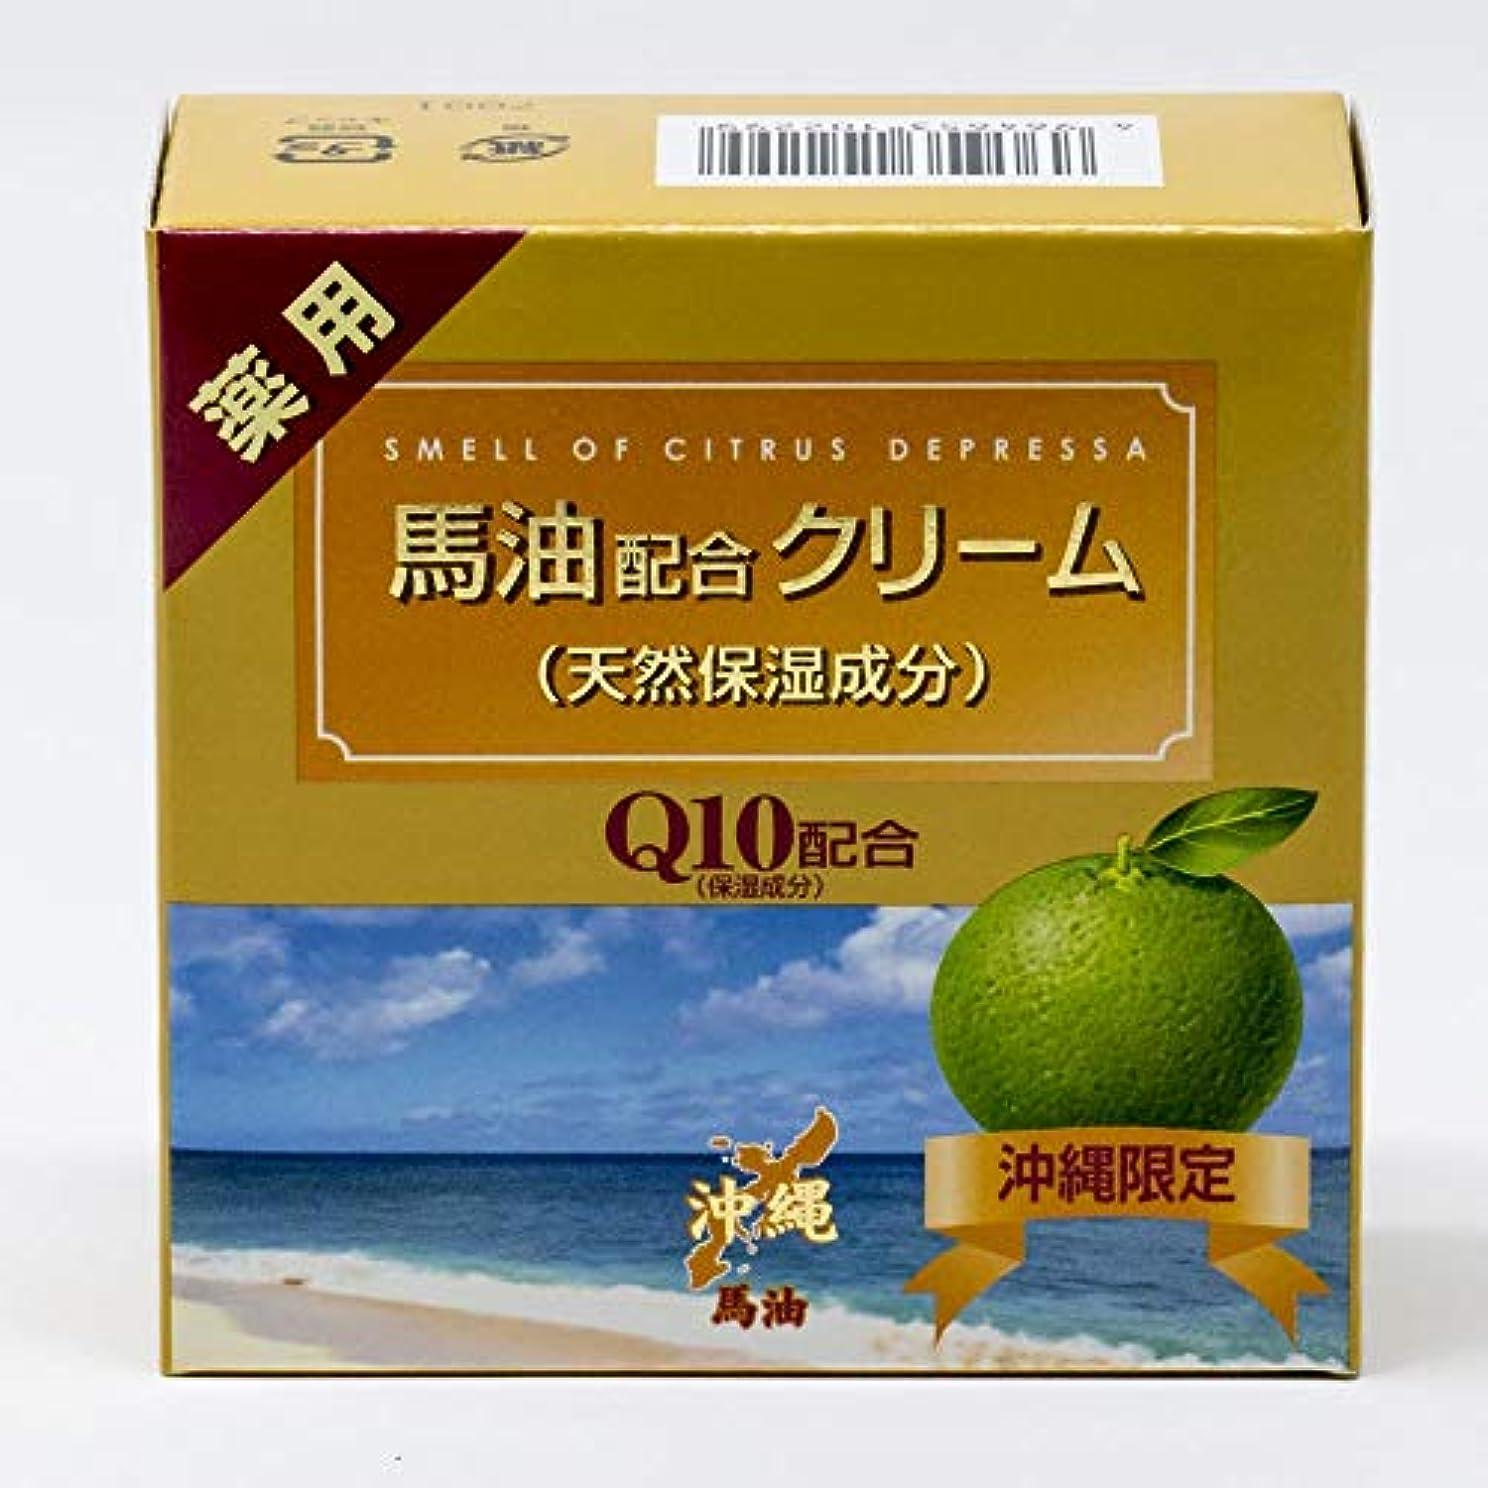 デクリメント野菜アシュリータファーマン薬用 馬油クリーム シークヮーサーの香り Q10配合(沖縄限定)